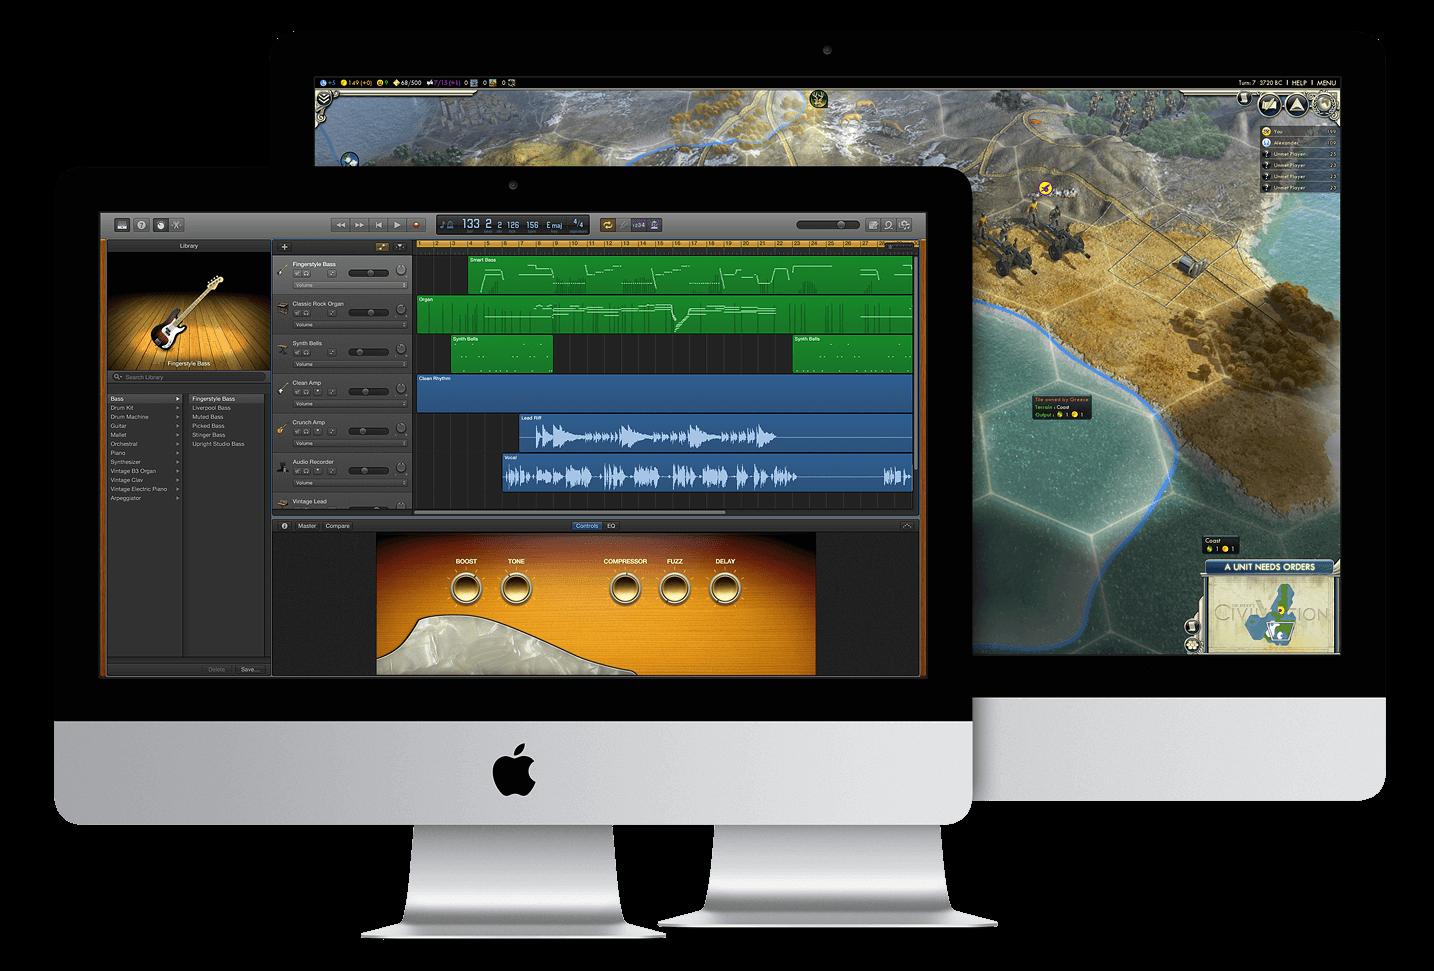 iMac Retina 5 image 4